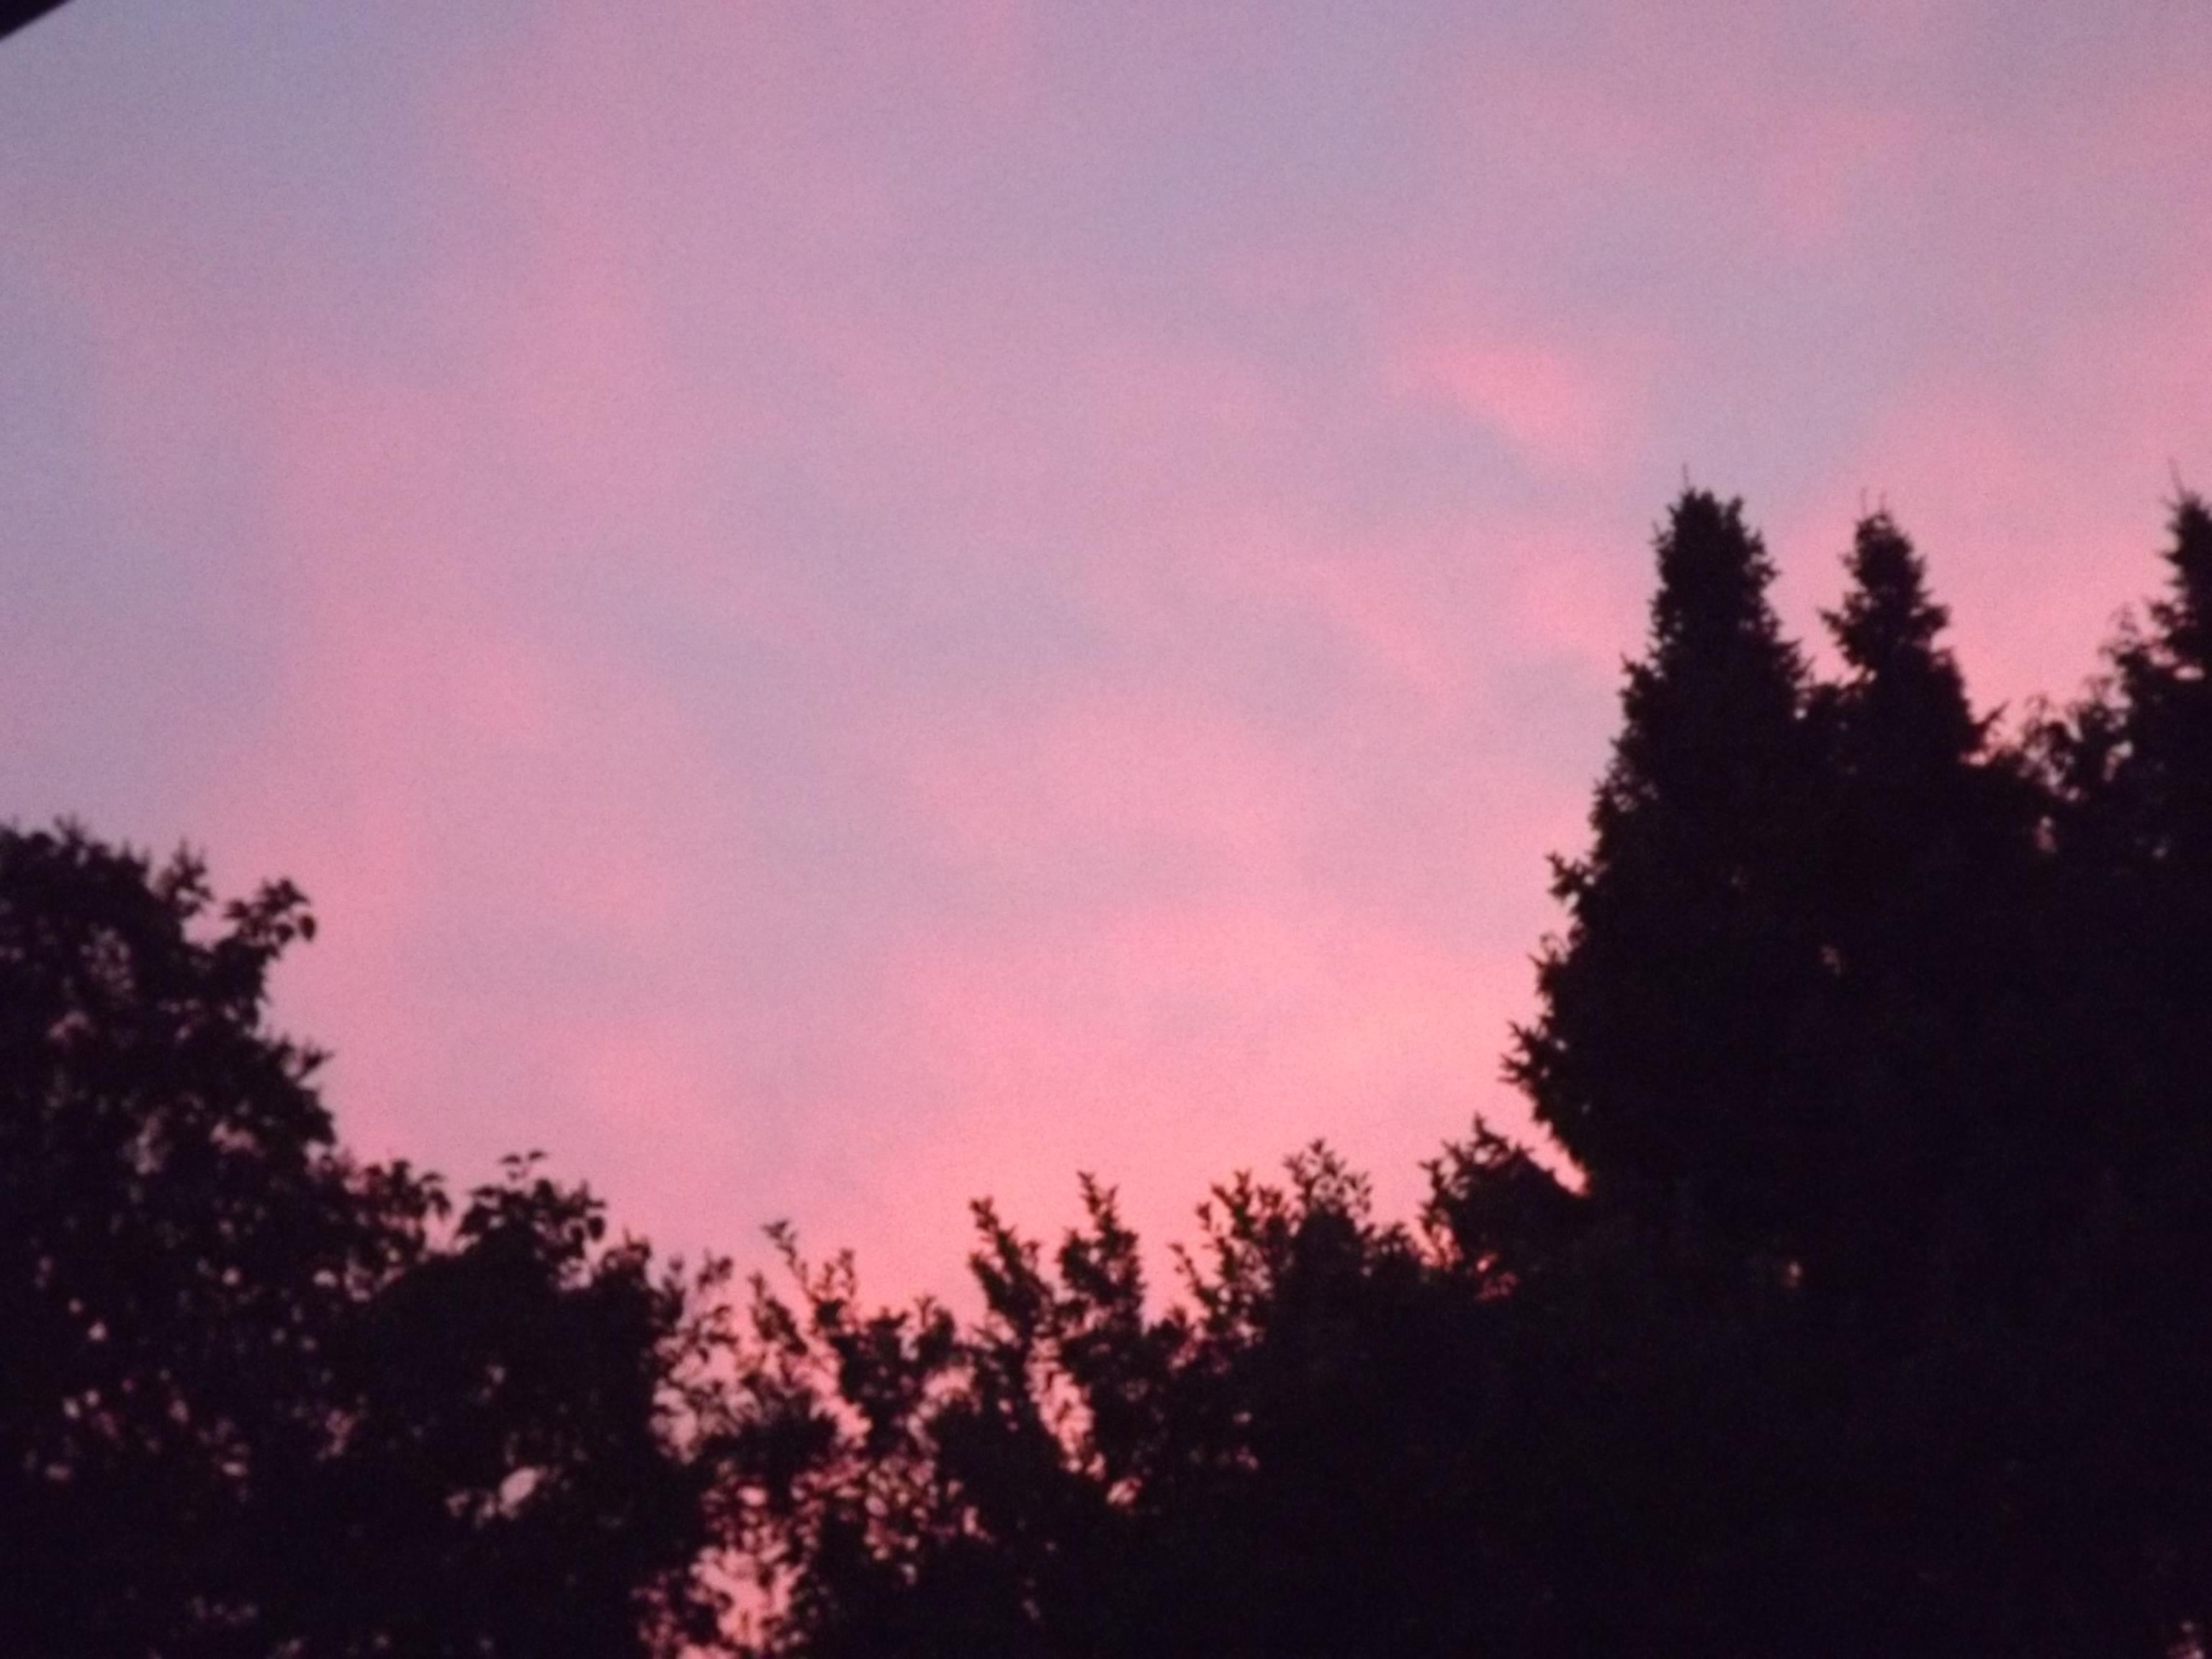 6268-himmel-wolken-rosa-blau-silhouette